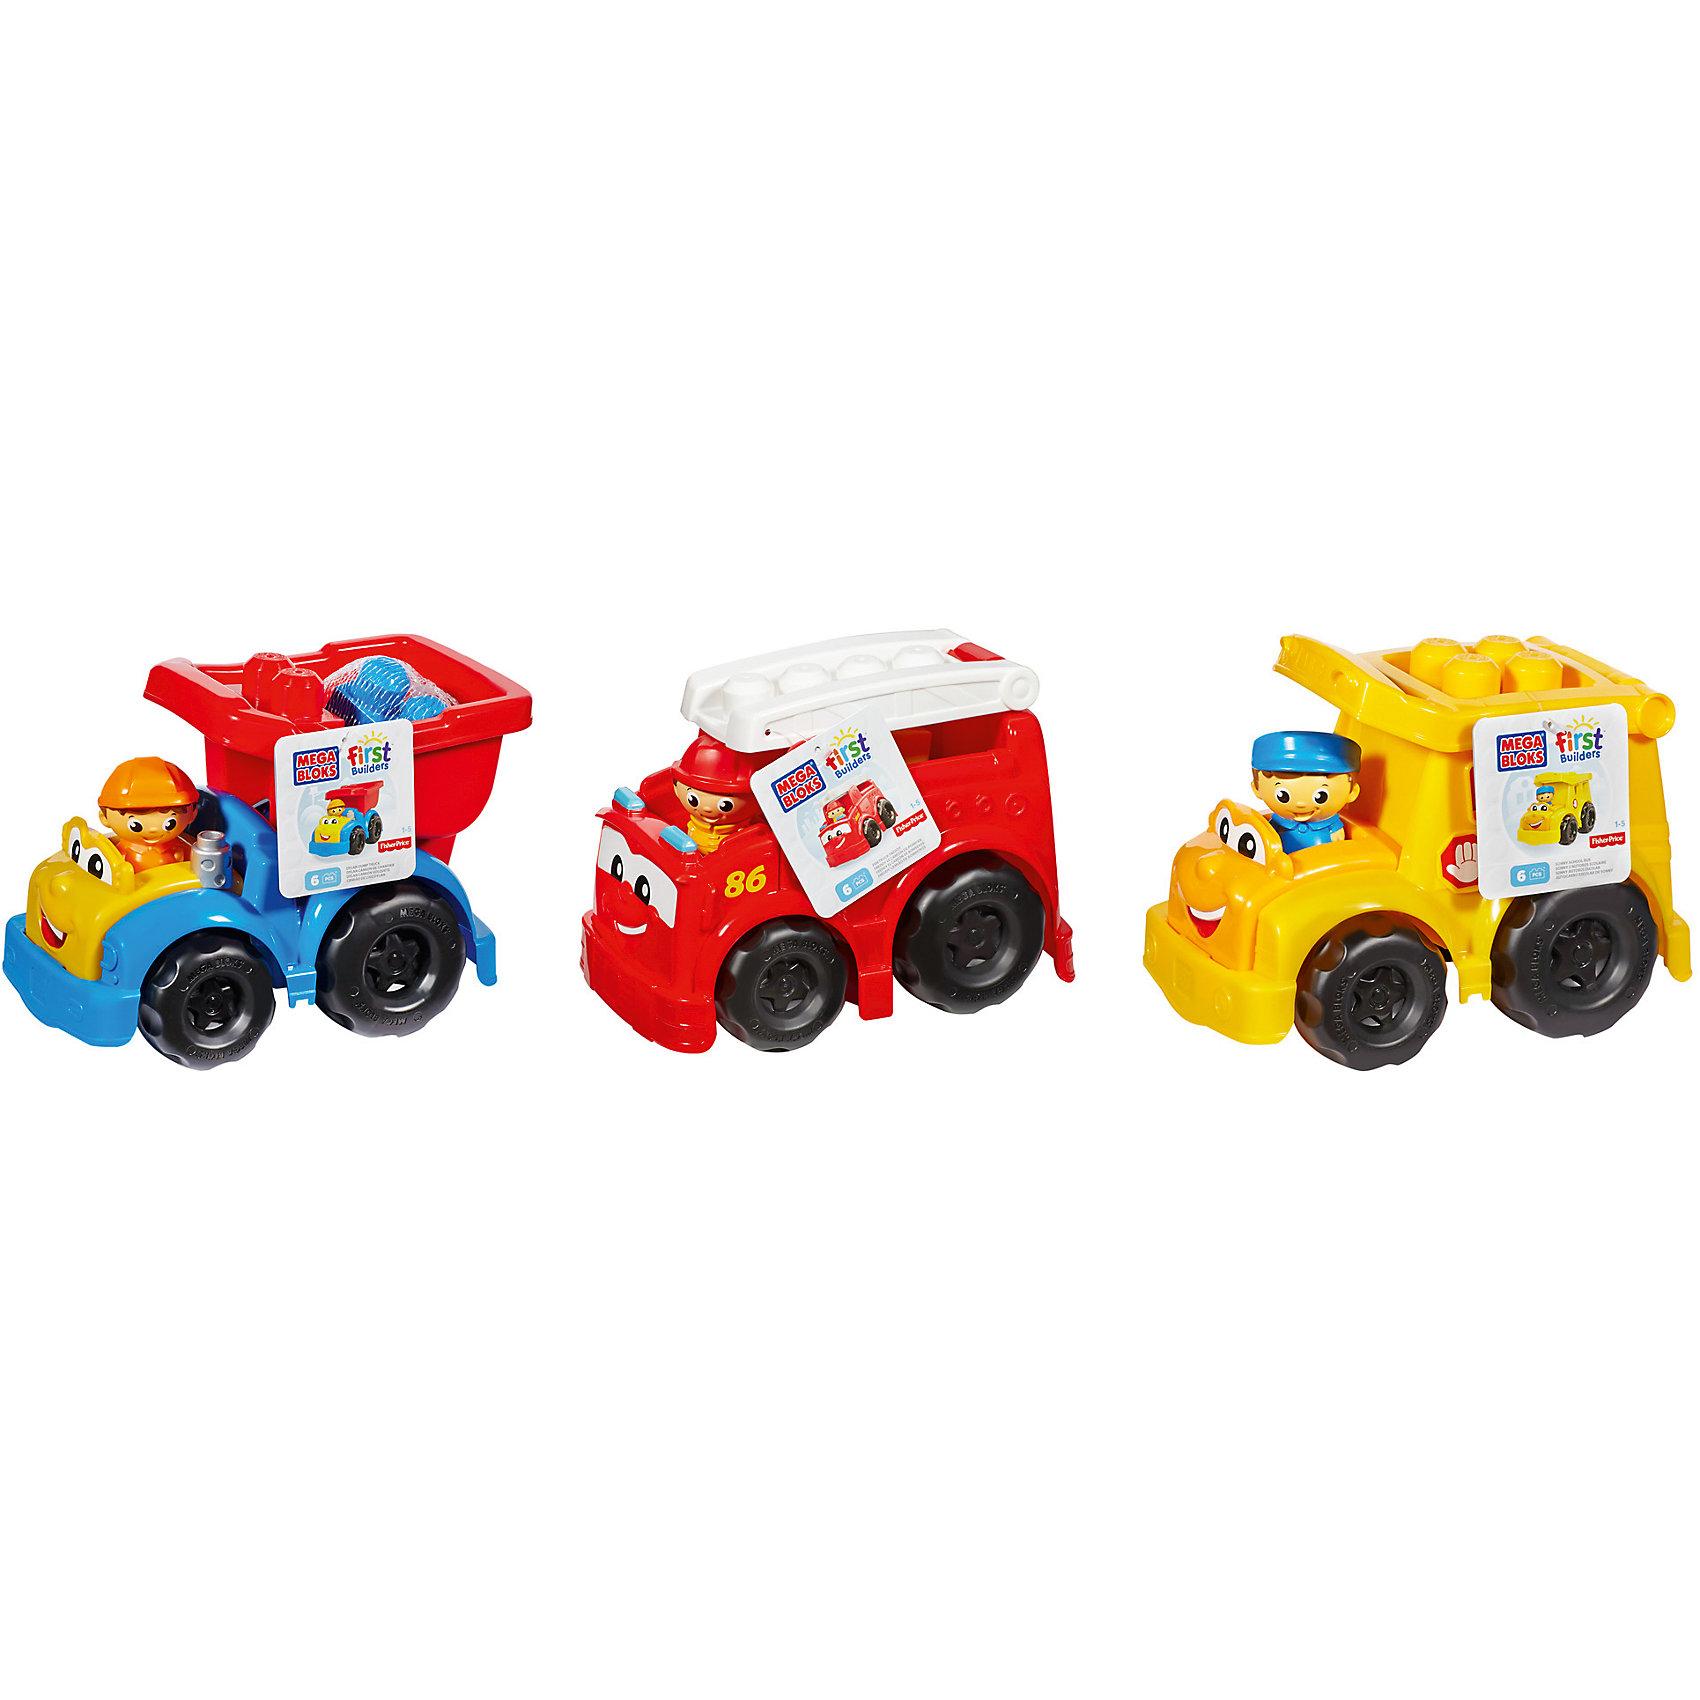 Маленькая машинка First Builders MEGA BLOKSМашинка MEGA BLOKS First Builders - отличный подарок ребенку. Это красочная игрушка, которая обязательно понравится малышу. Она выполнена в виде яркой машинки. Можно собрать их все!<br>Такие игрушки помогают развить мелкую моторику, логическое мышление и воображение ребенка. Эта игрушка выполнена из высококачественного прочного пластика, безопасного для детей.<br>  <br>Дополнительная информация:<br><br>цвет: разноцветный;<br>материал: пластик;<br>комплектация: 6 деталей;<br>размер упаковки: 18х24х16,5 см.<br><br>Маленькую  машинку First Builders MEGA BLOKS от компании Mattel можно купить в нашем магазине.<br><br>Ширина мм: 165<br>Глубина мм: 240<br>Высота мм: 180<br>Вес г: 540<br>Возраст от месяцев: 12<br>Возраст до месяцев: 60<br>Пол: Мужской<br>Возраст: Детский<br>SKU: 4791146